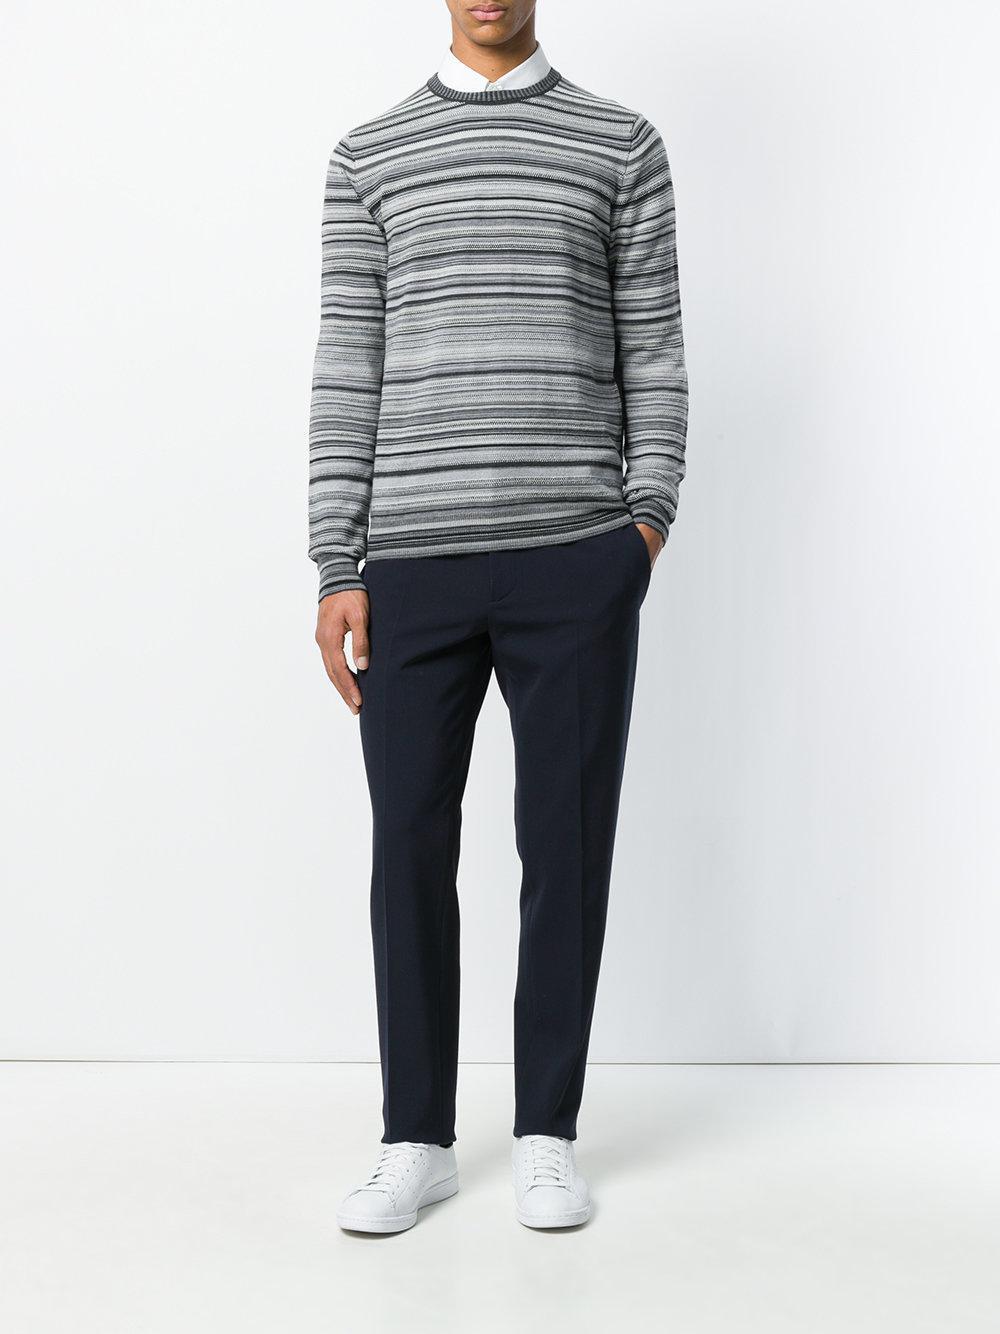 Paolo Pecora Wool Multi-stripe Sweater in Grey (Grey) for Men